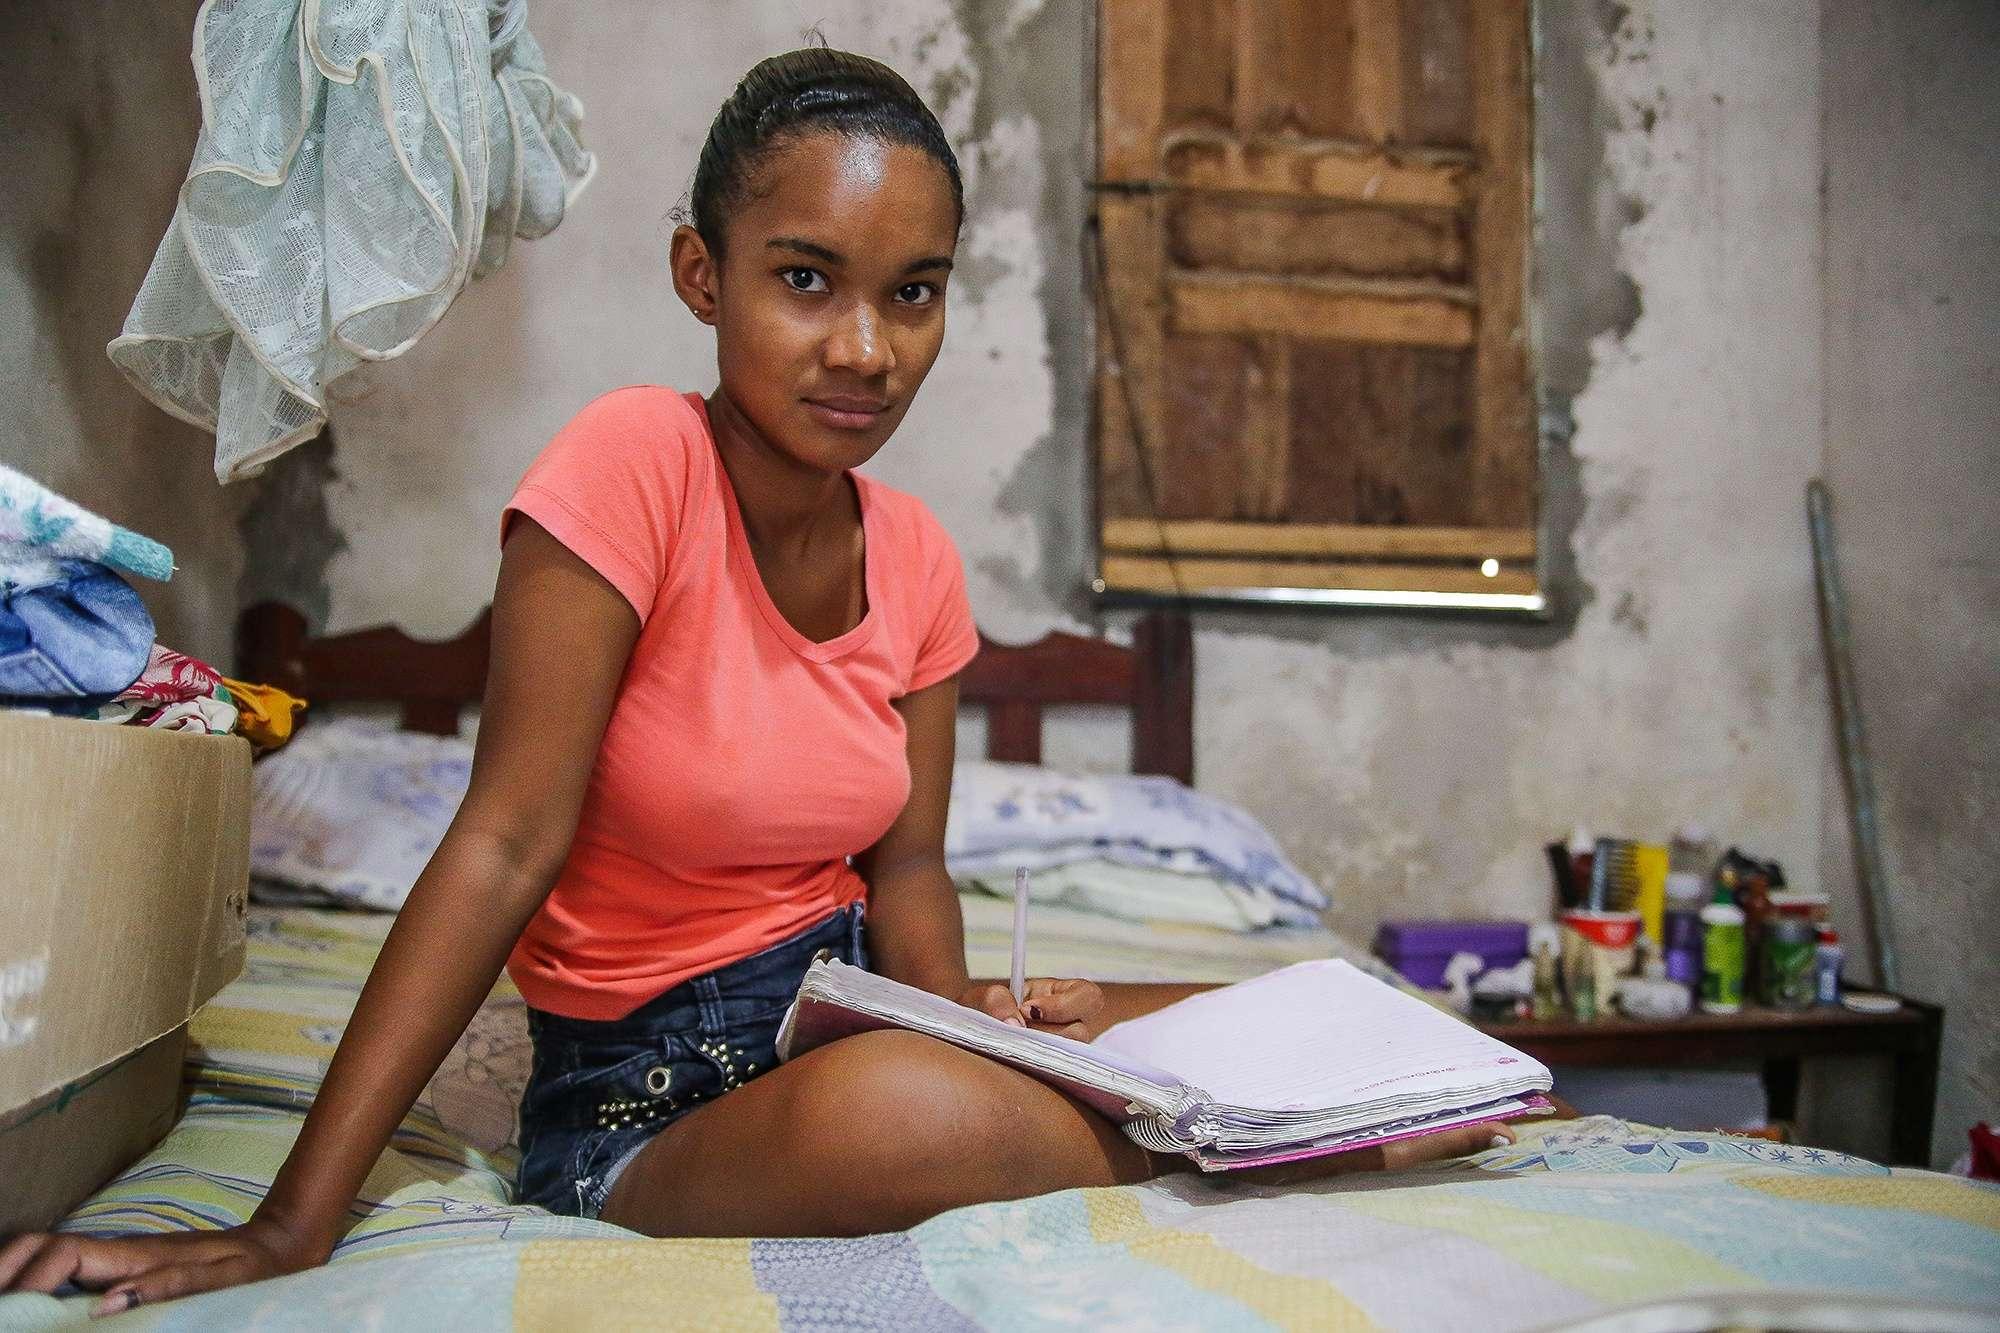 Os efeitos da habitação no desenvolvimento infantil